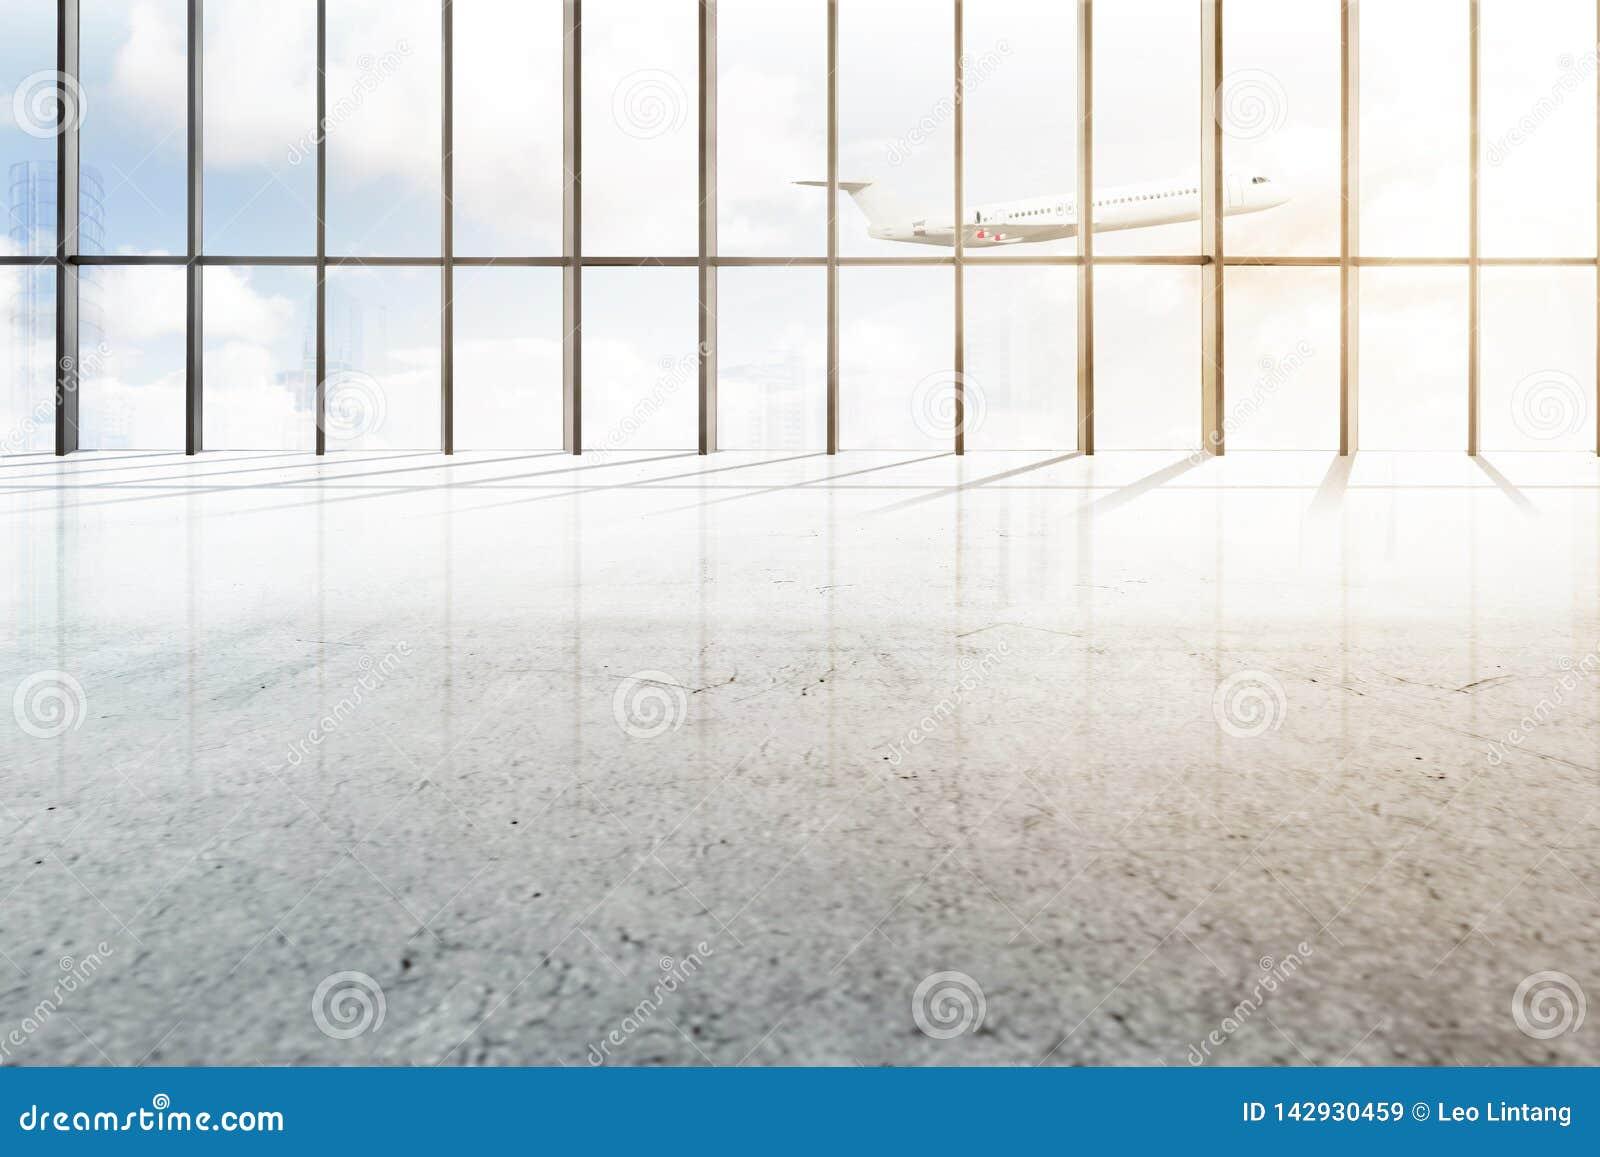 有玻璃和飞行的飞机窗口的空的机场大厅